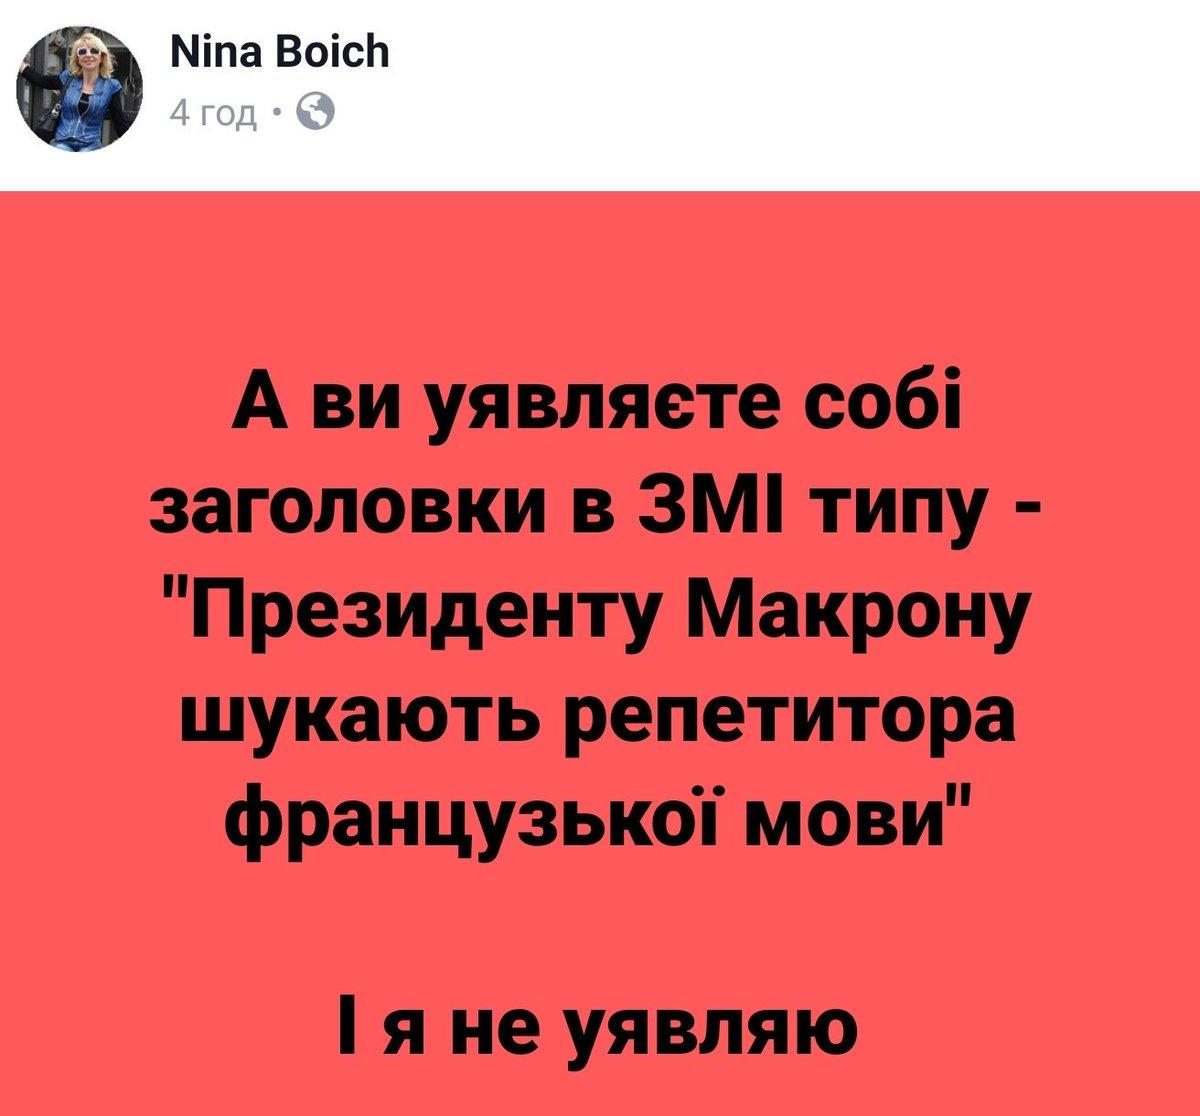 """Порошенко визнає перемогу Зеленського й одночасно """"виливає йому за комір коричневу рідину"""", - Разумков - Цензор.НЕТ 3340"""